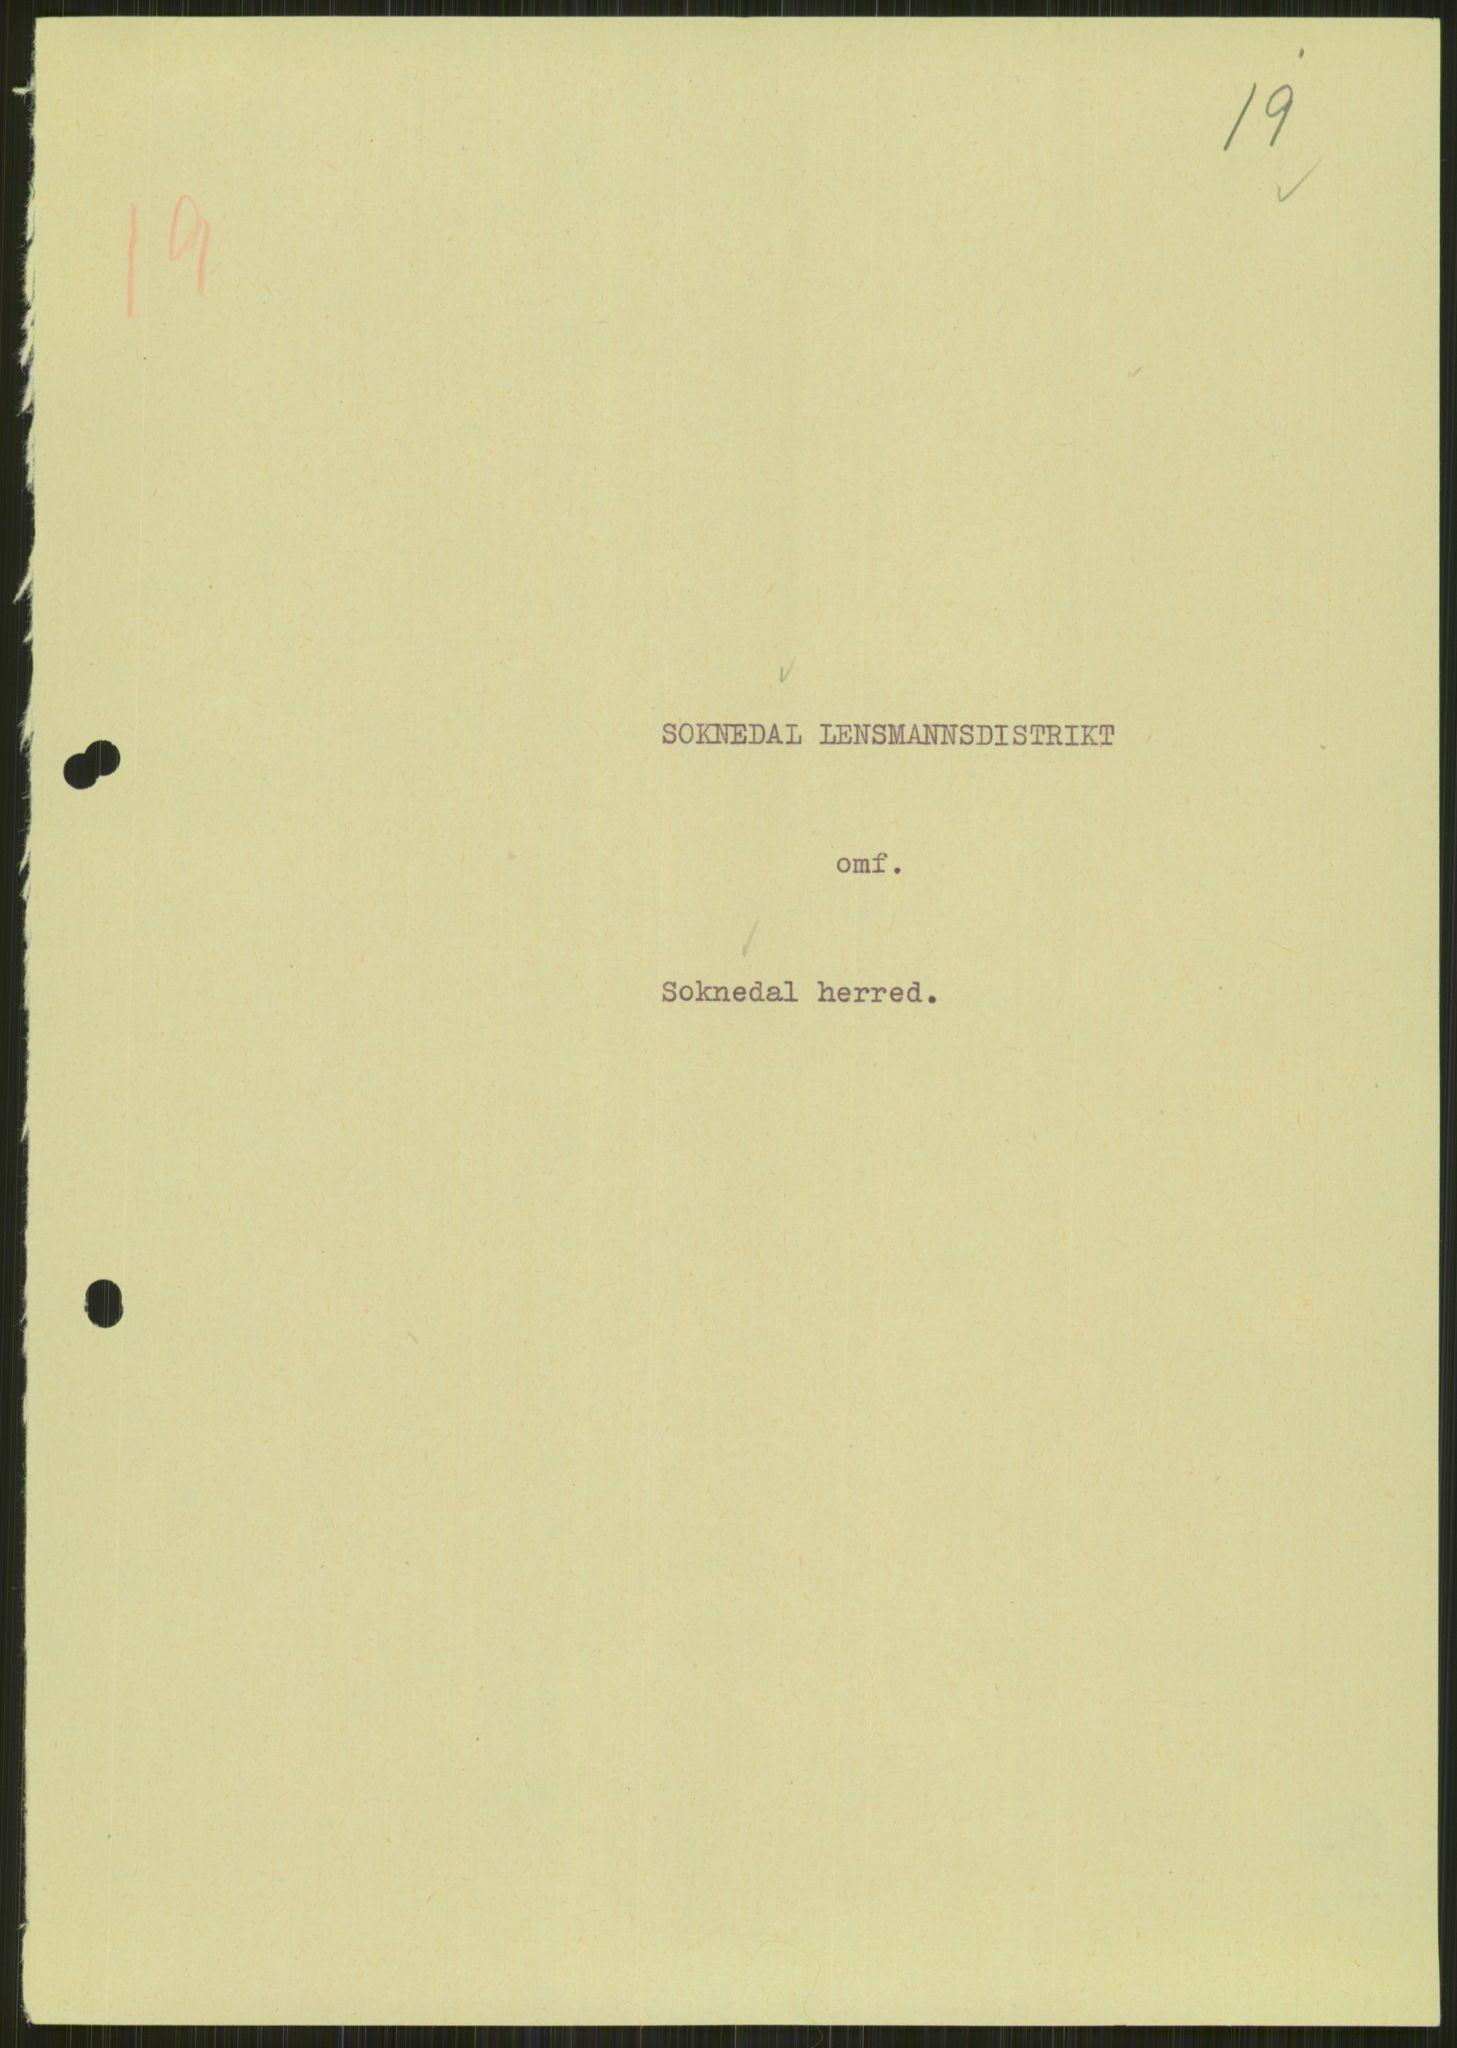 RA, Forsvaret, Forsvarets krigshistoriske avdeling, Y/Ya/L0016: II-C-11-31 - Fylkesmenn.  Rapporter om krigsbegivenhetene 1940., 1940, s. 153